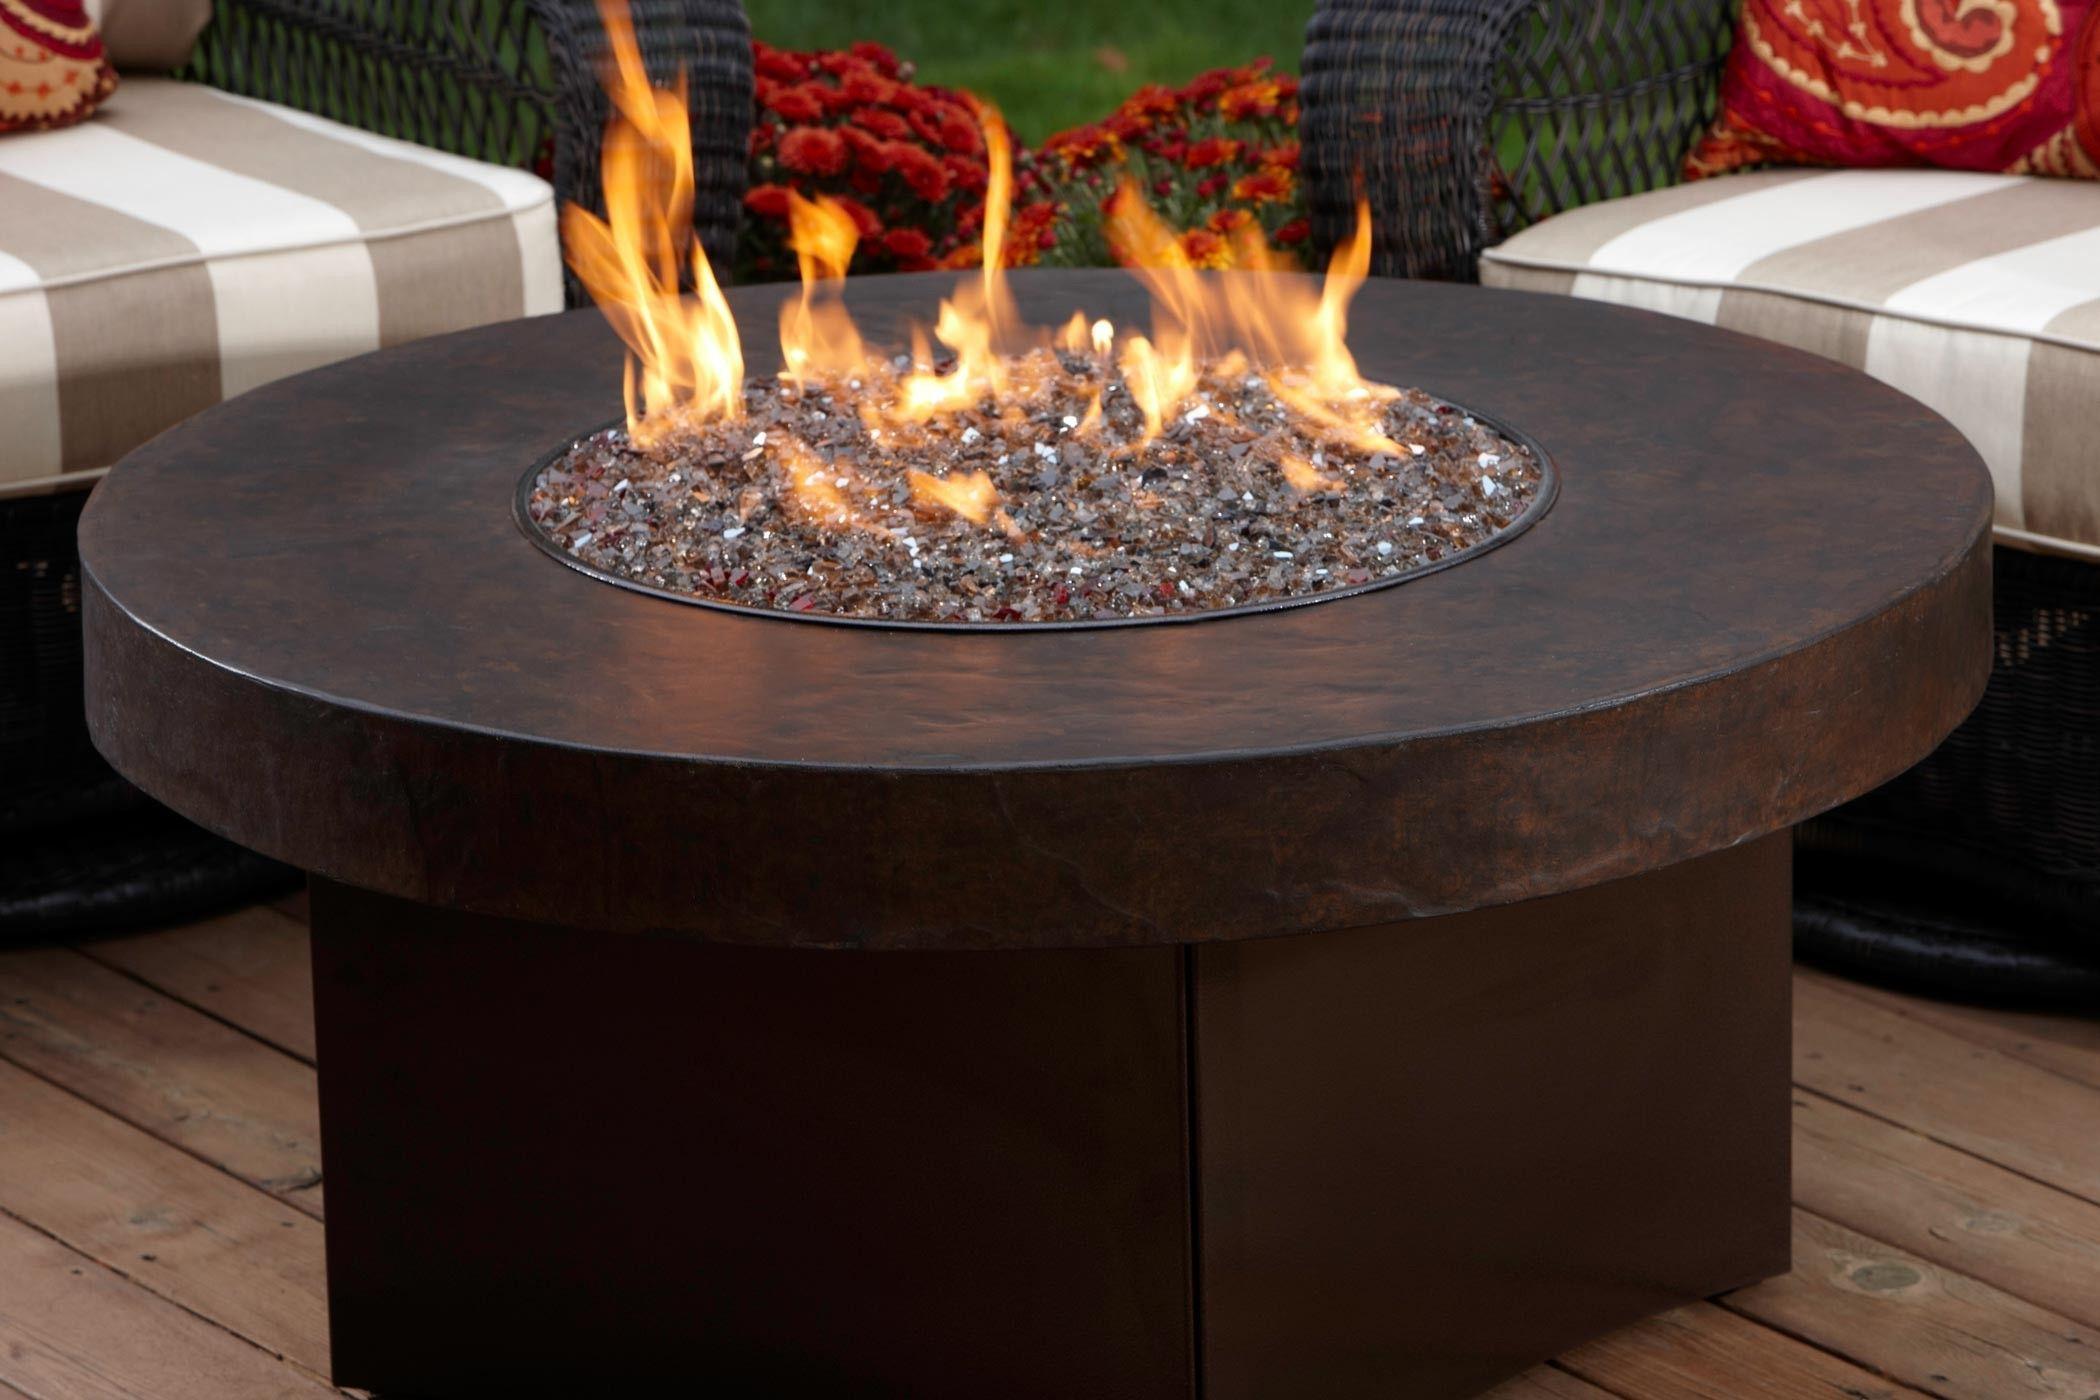 Oriflamme Gas Fire Pit With Savannah Stone Table Top Fire Gas Pit Savanna Stone Table In 2020 Feuerstellen Tisch Feuerstelle Feuertisch